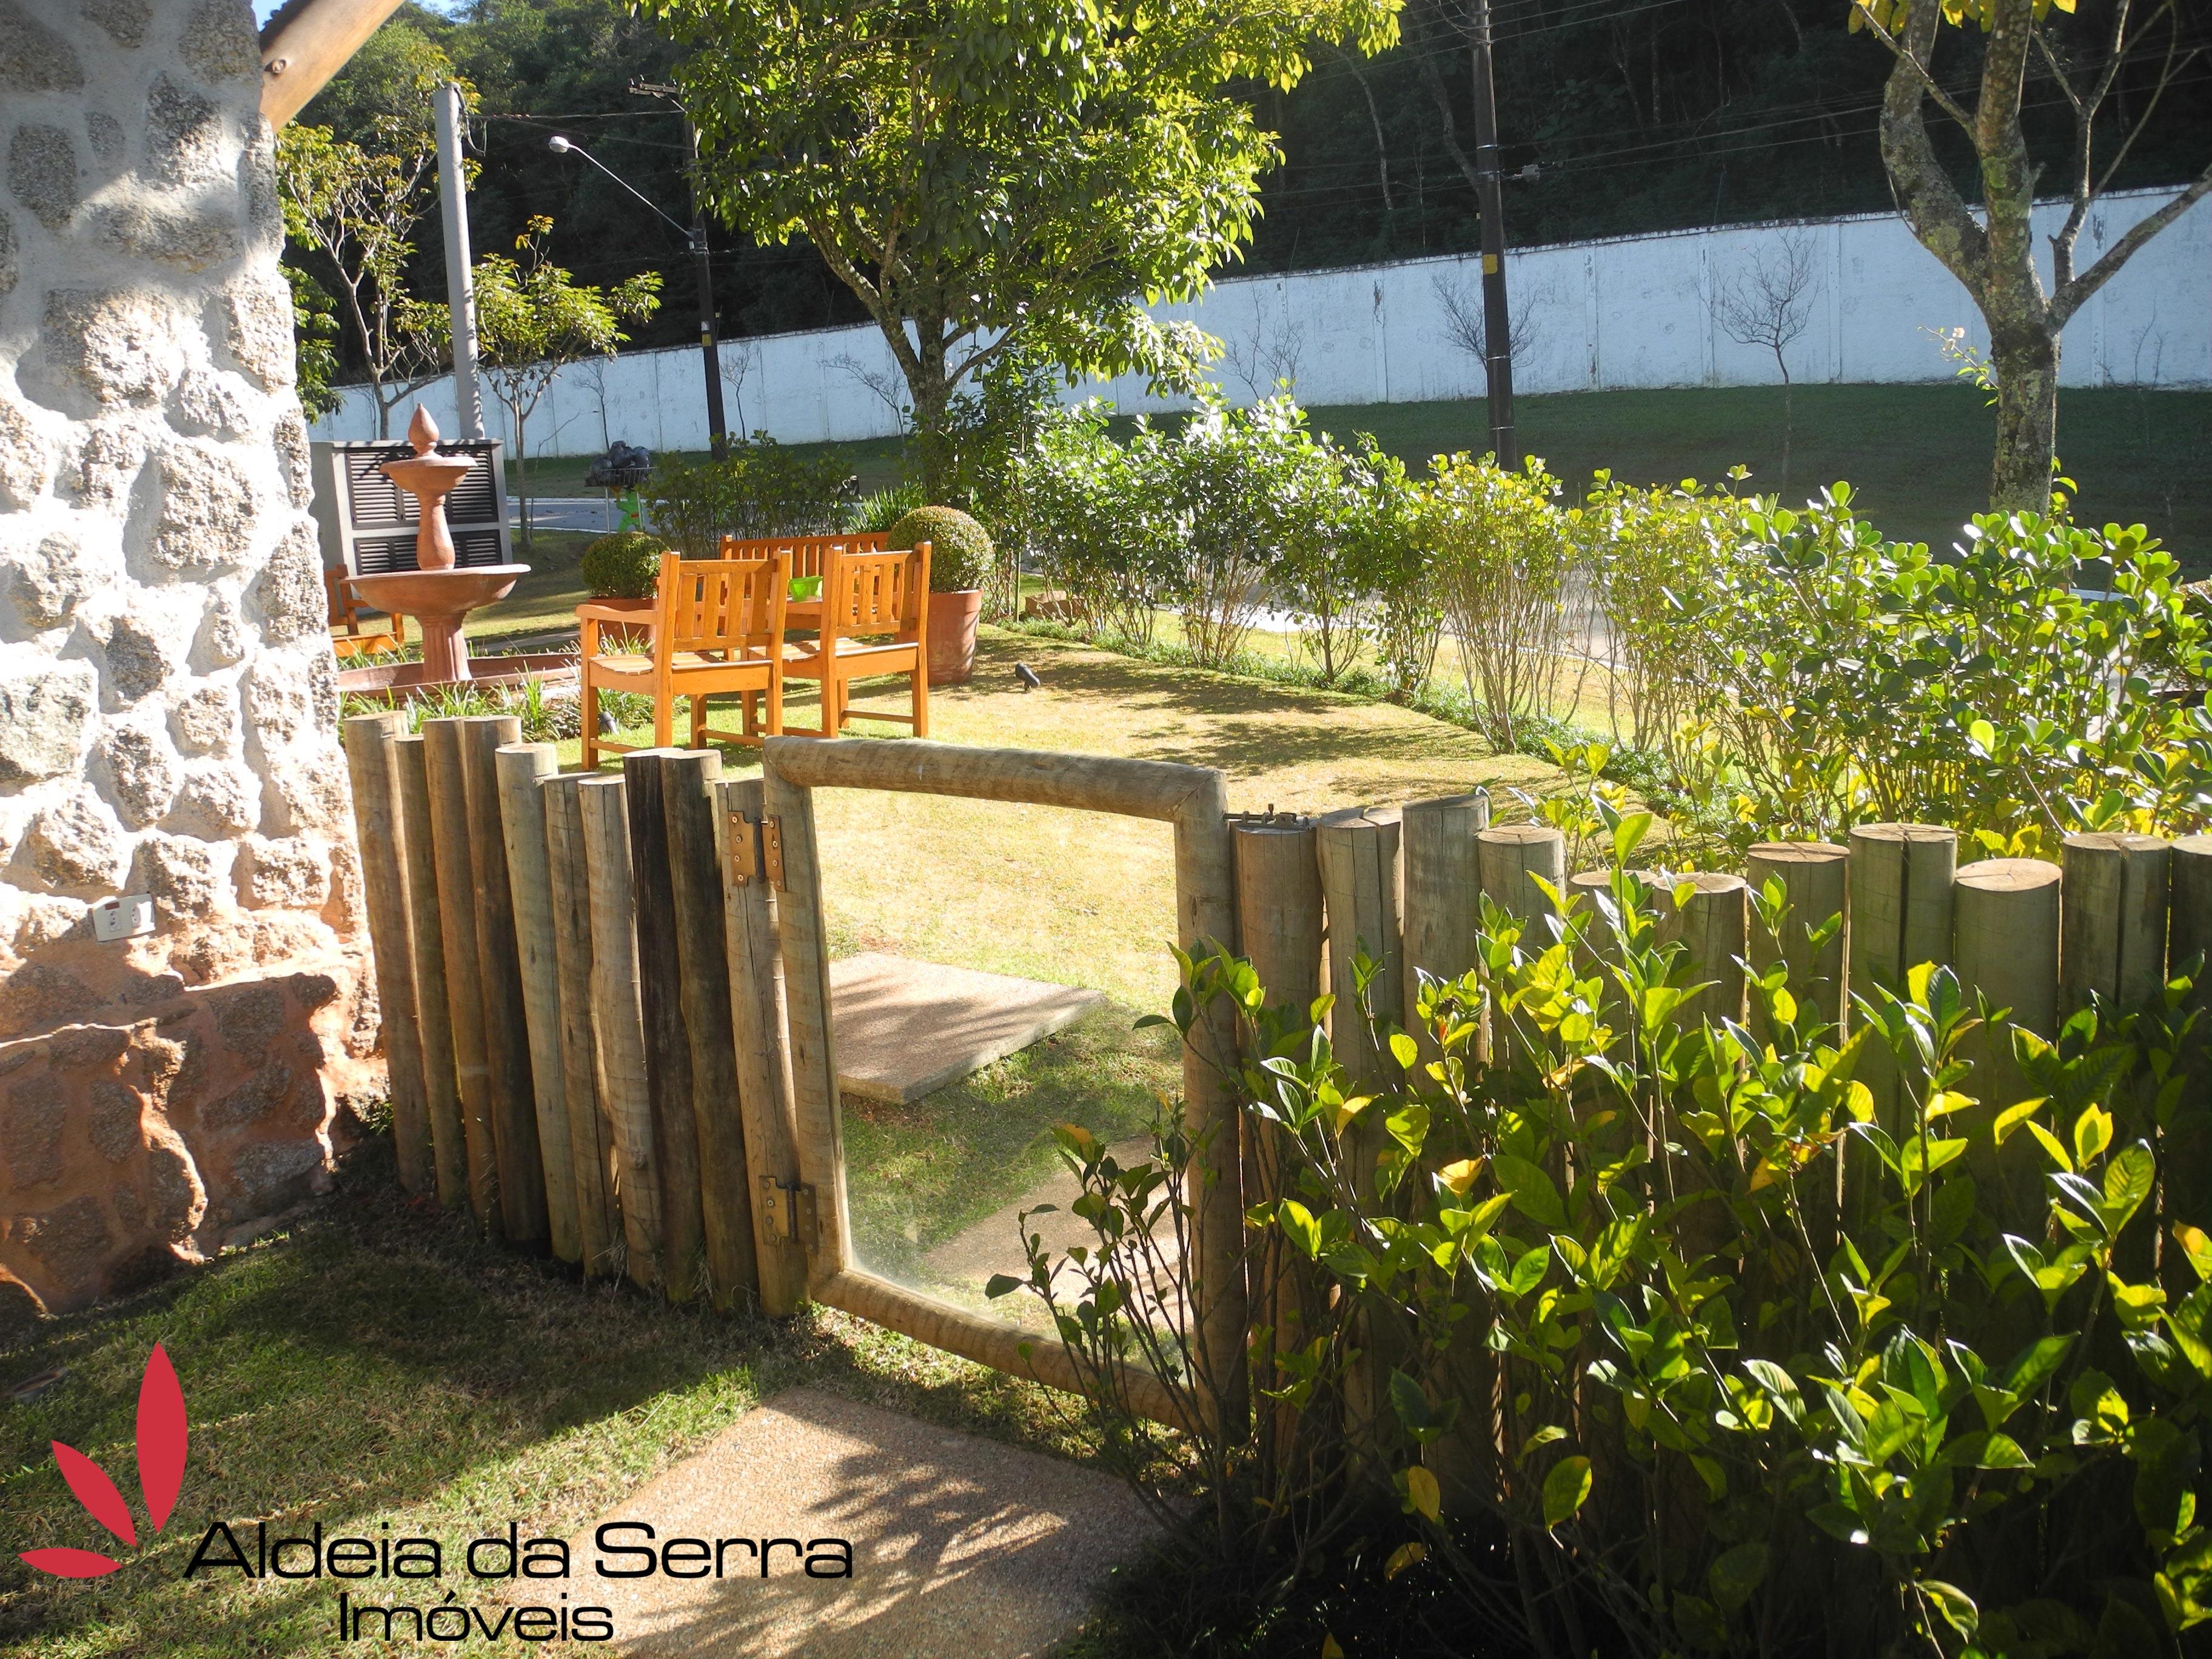 /admin/imoveis/fotos/Morada-dos-lagos-aldeia-da-serra-venda-jpg31.jpg Aldeia da Serra Imoveis